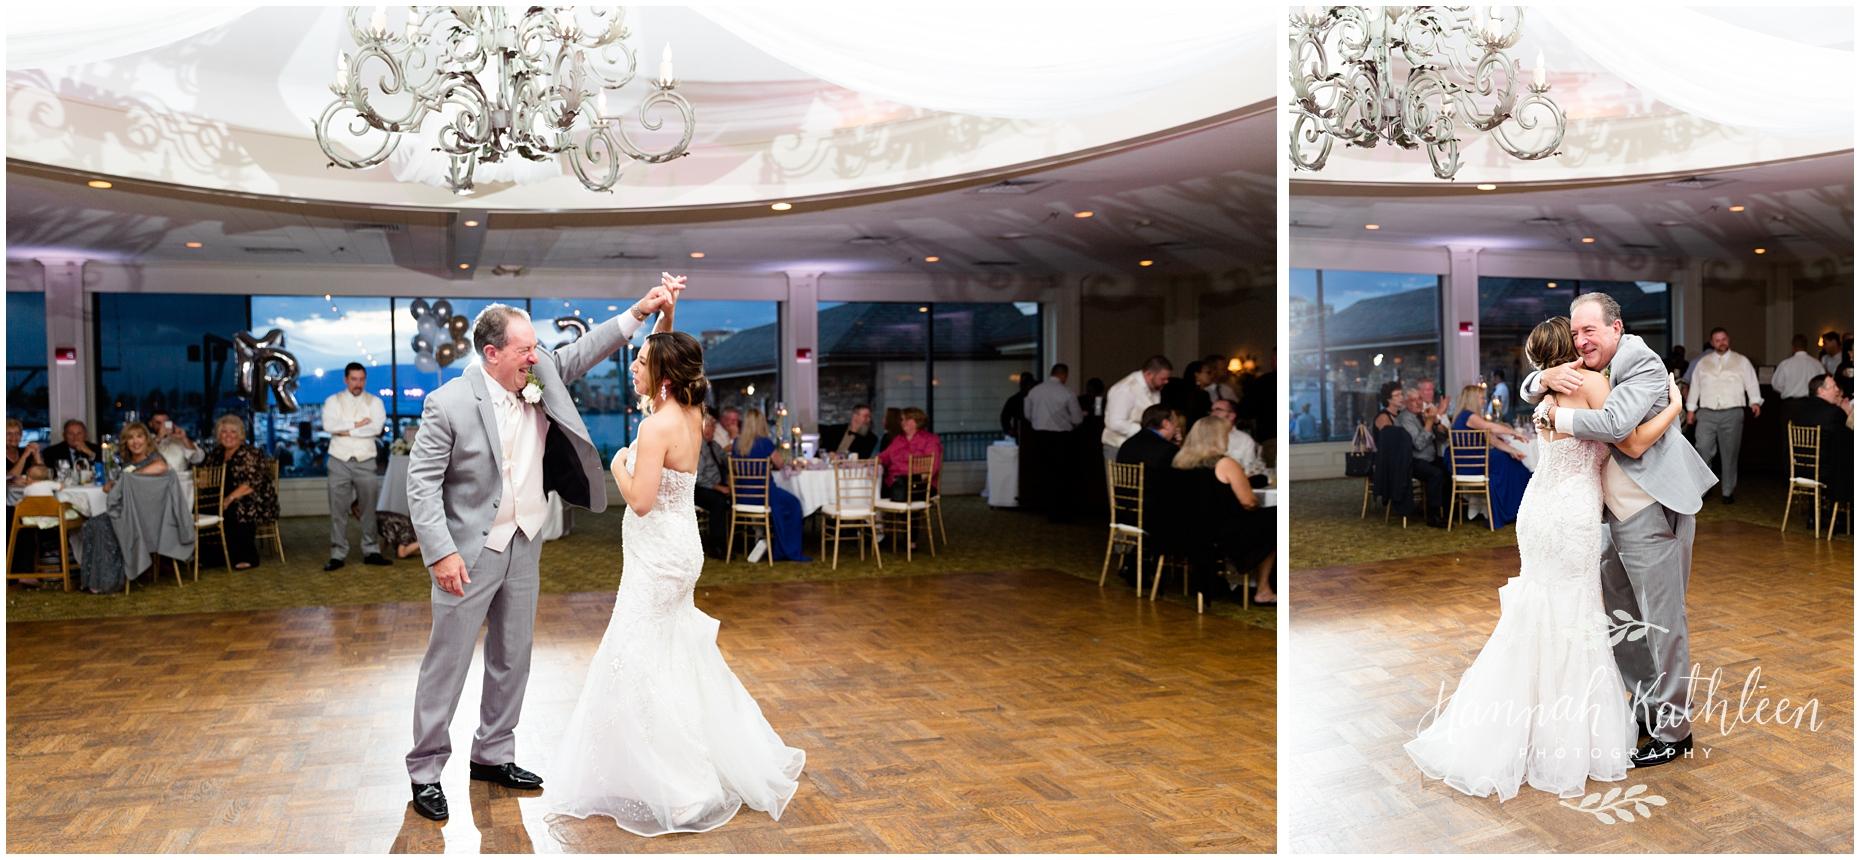 Mack_Allison_Templeton_Landing_Wedding_Photographer_Buffalo_NY